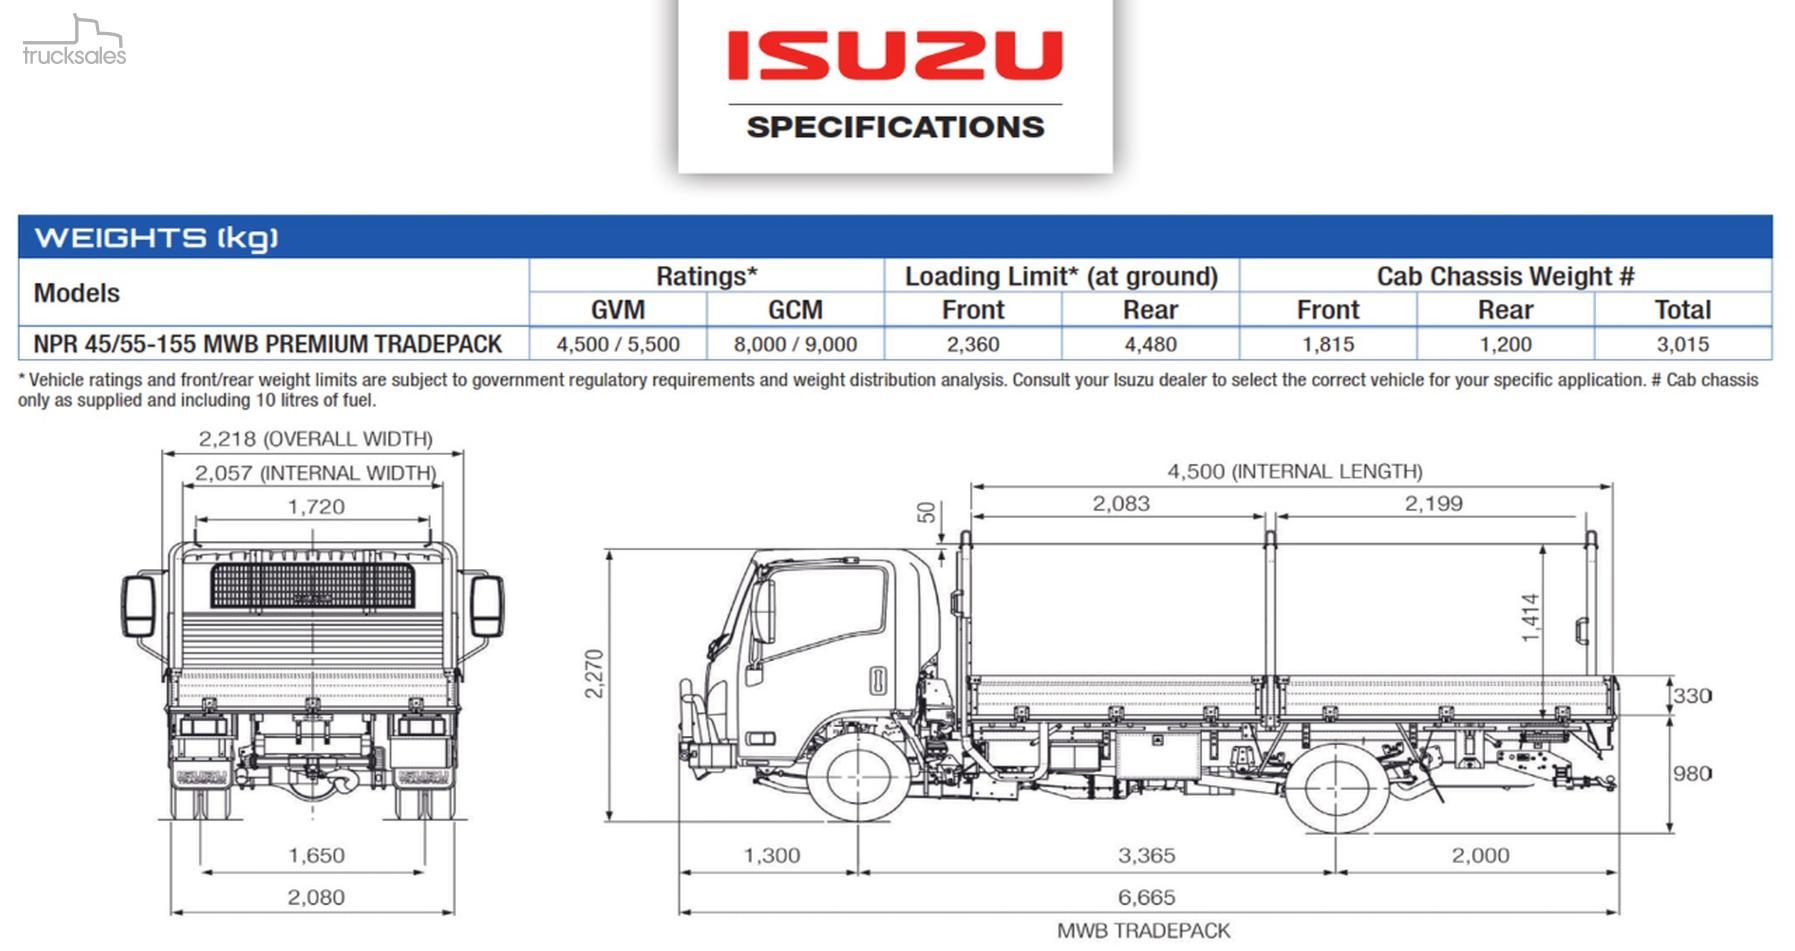 2018 Isuzu Npr 45 155 Mwb Premium Tradepack 2 3l Engine Diagram